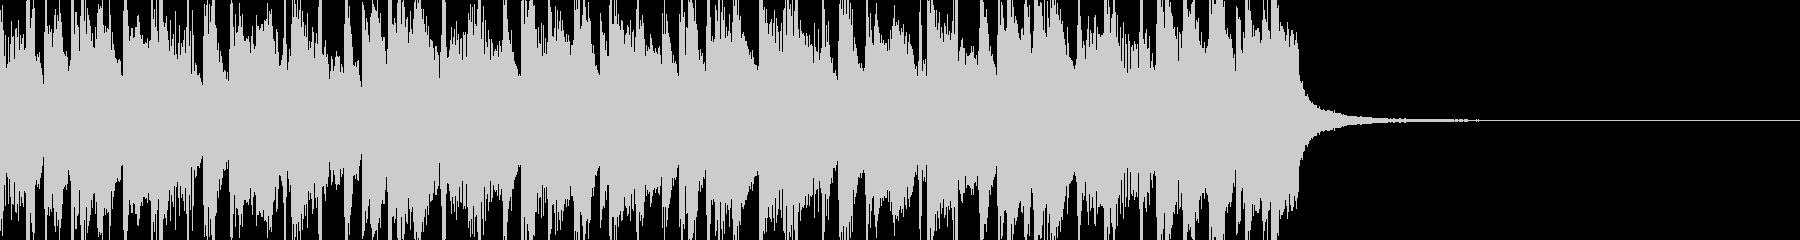 おしゃれで疾走感のあるピアノBGMの未再生の波形